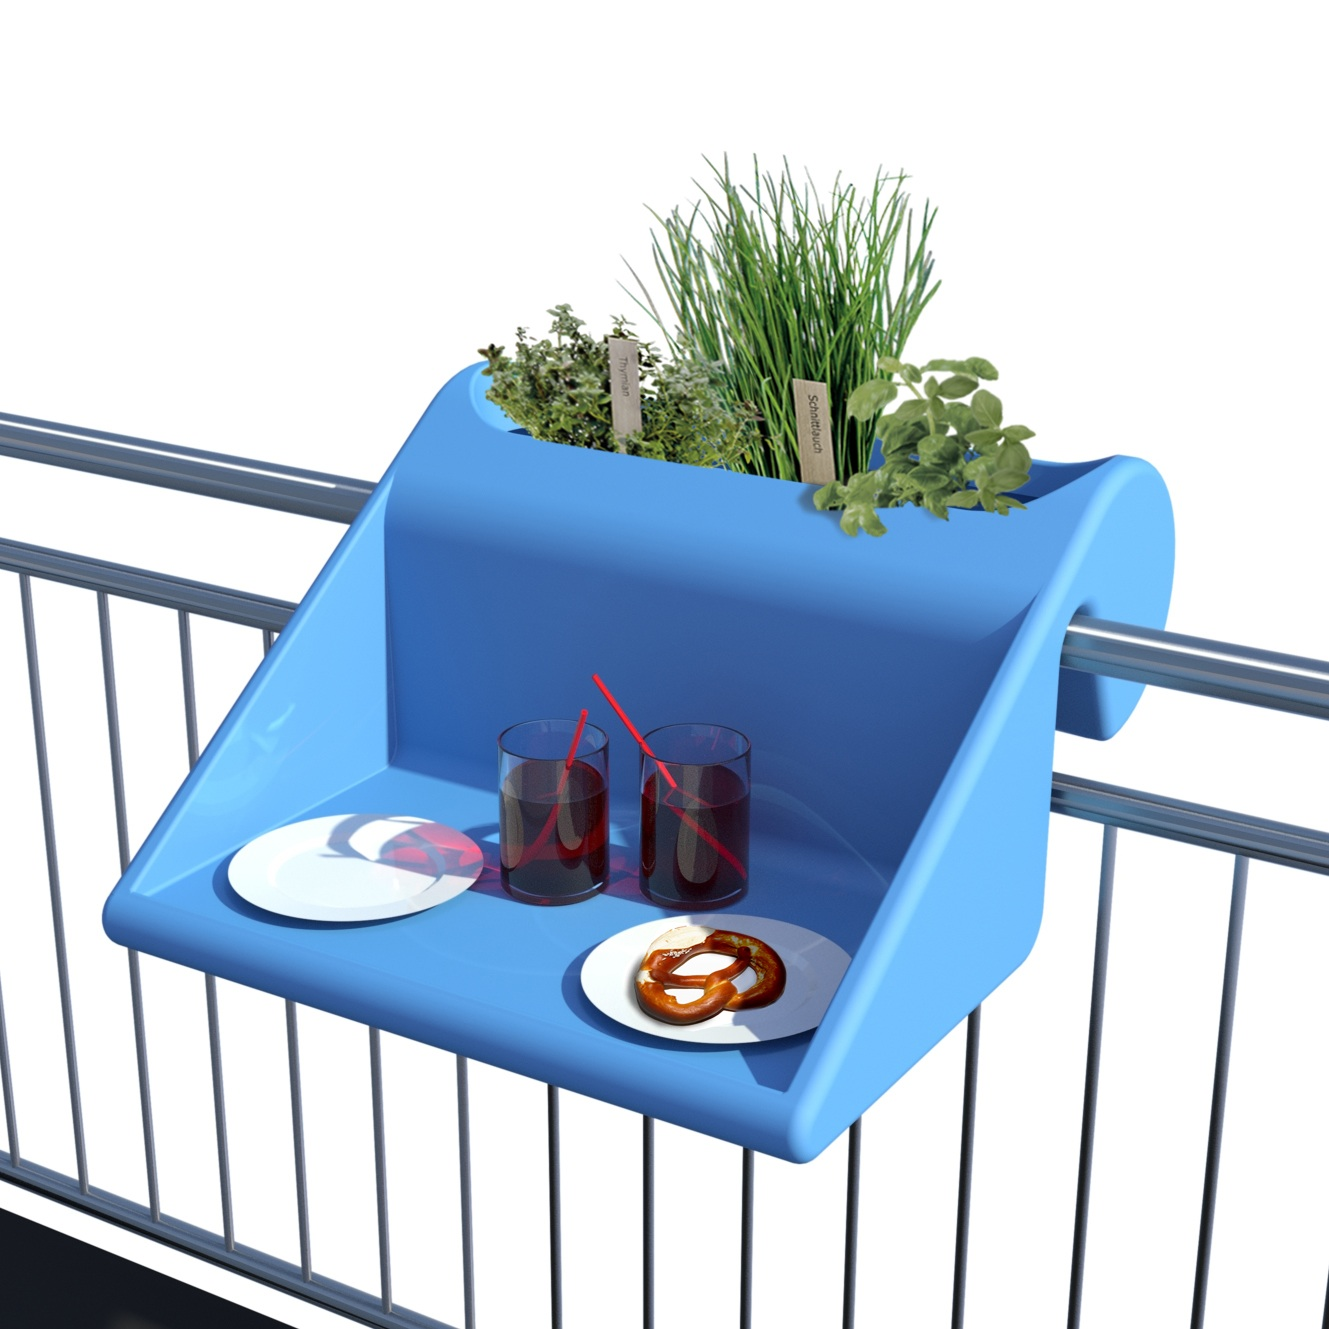 Jardinière À Suspendre Ikea 5 tables idéales pour les petits balcons - déconome